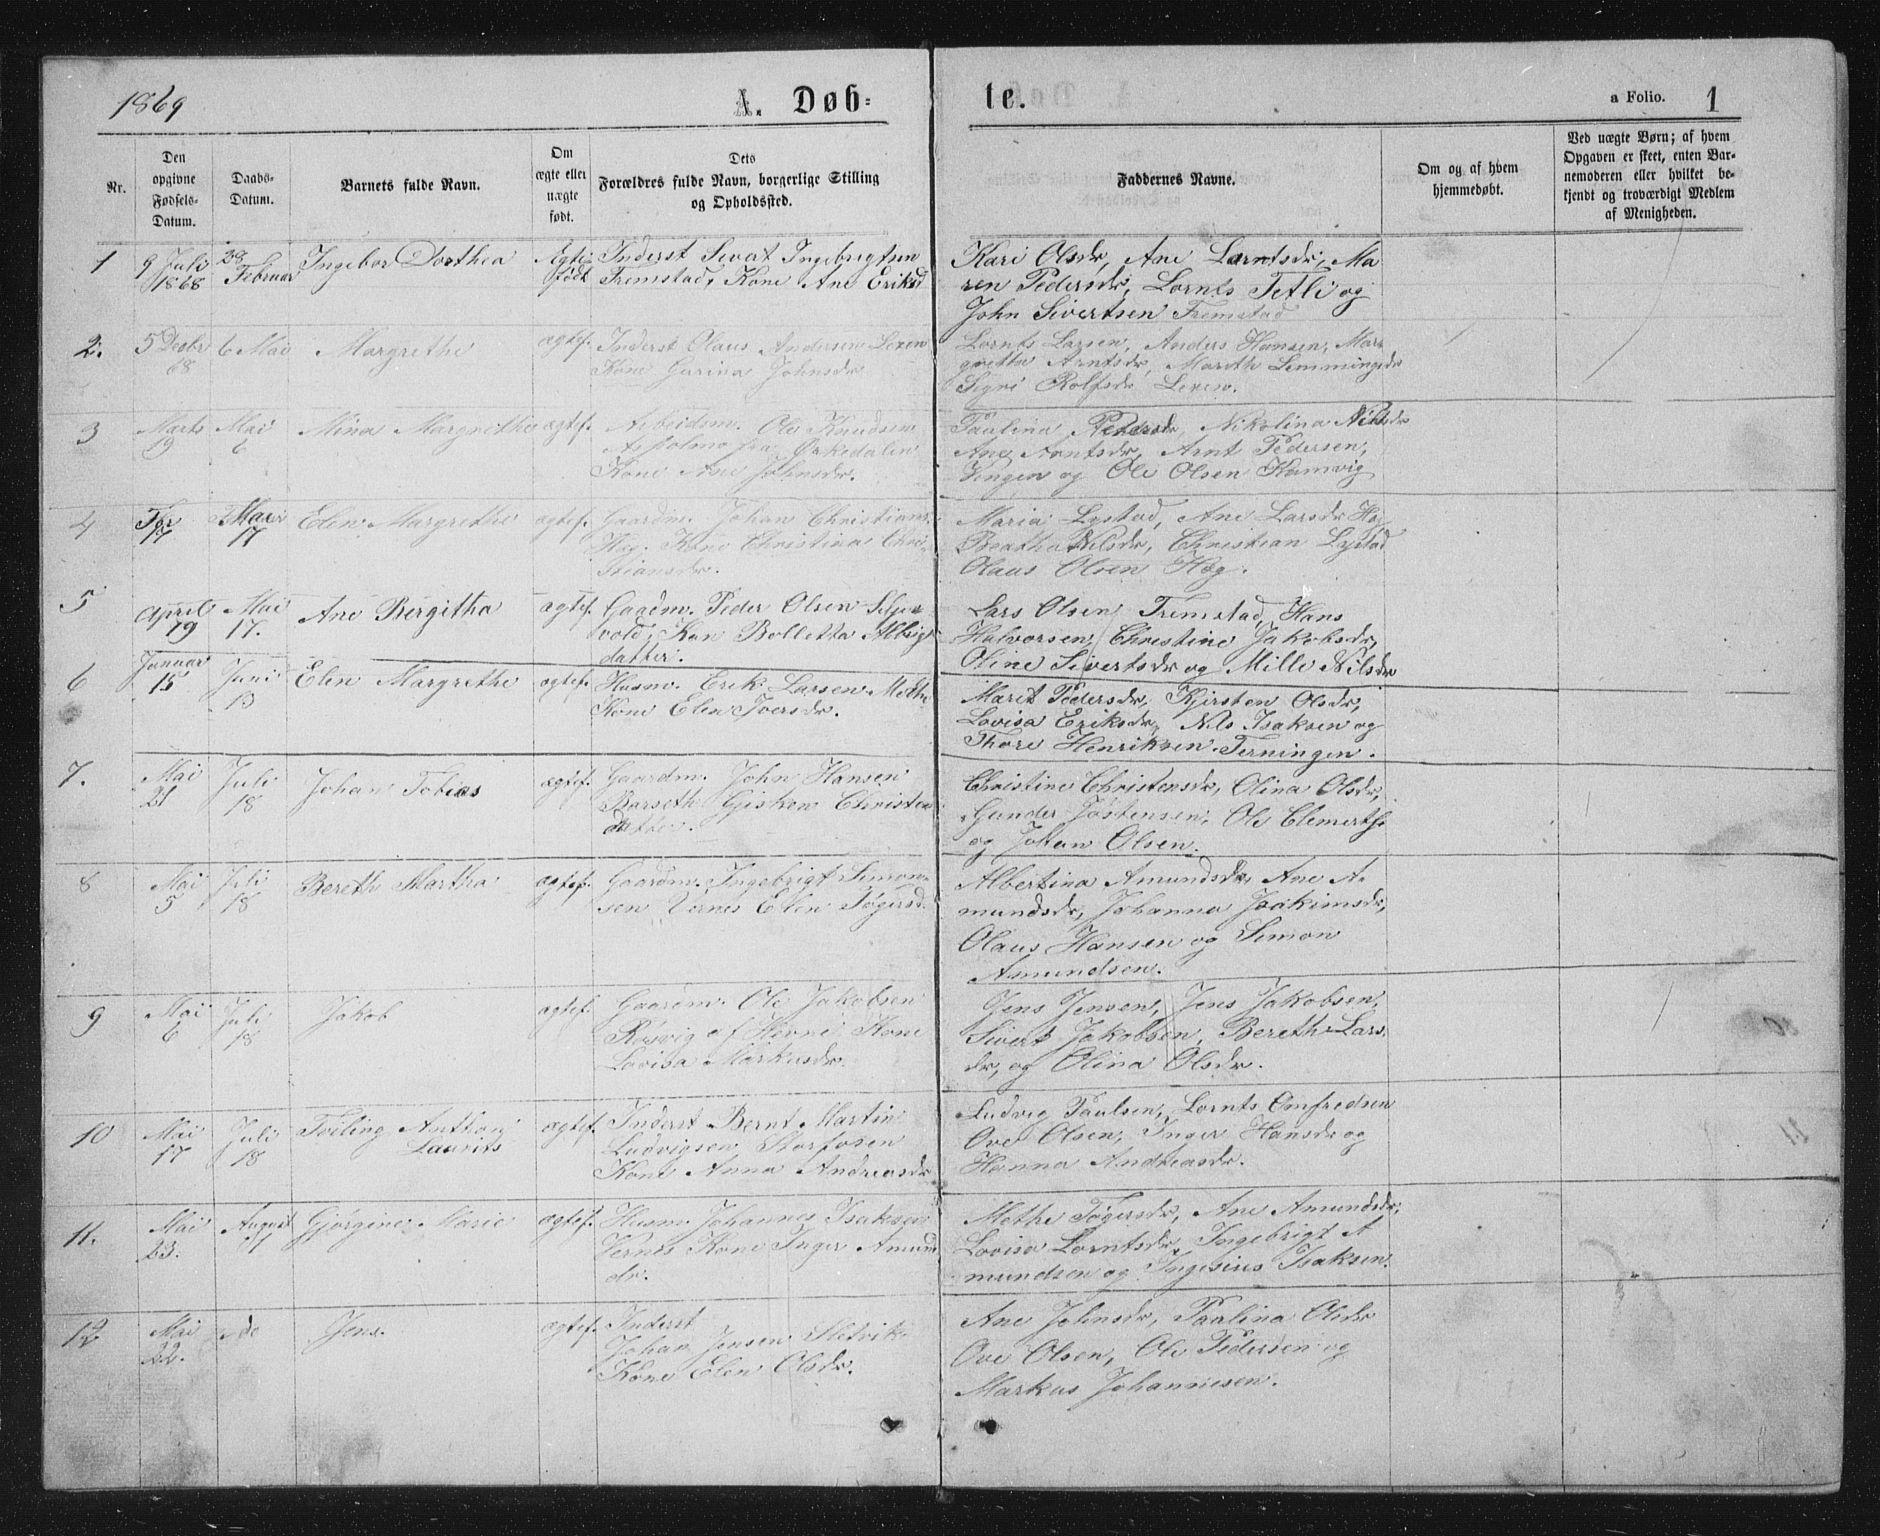 SAT, Ministerialprotokoller, klokkerbøker og fødselsregistre - Sør-Trøndelag, 662/L0756: Klokkerbok nr. 662C01, 1869-1891, s. 1